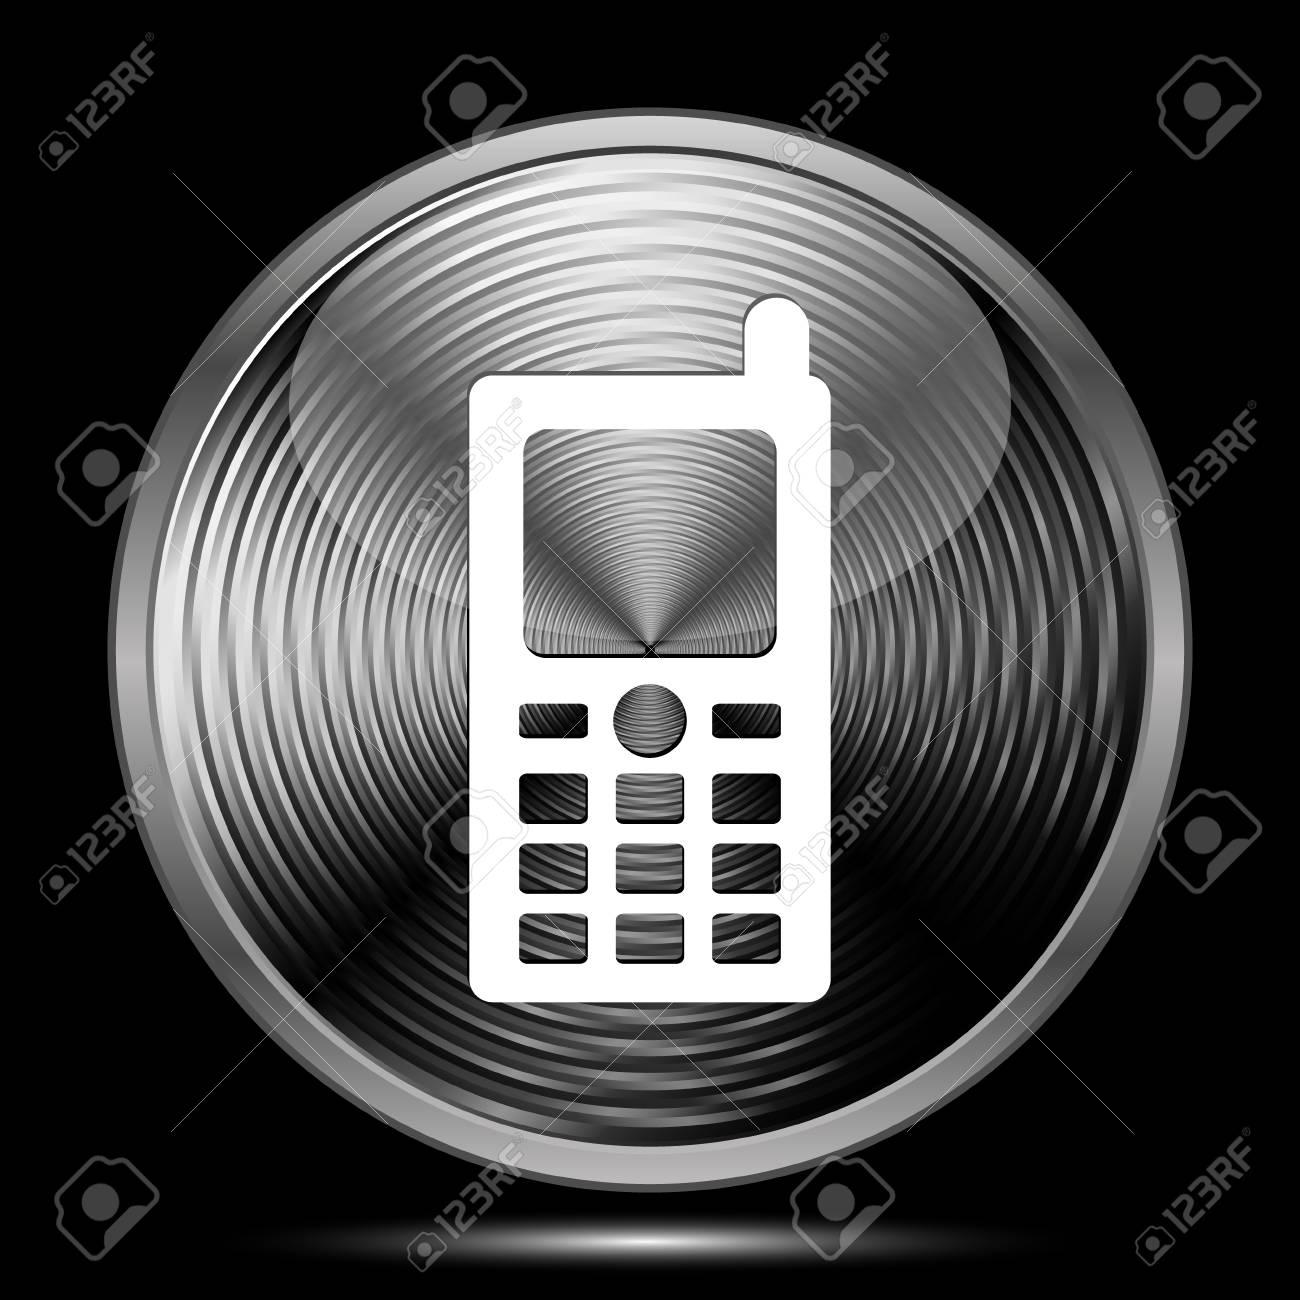 Icona Del Telefono Cellulare Pulsante Su Sfondo Nero